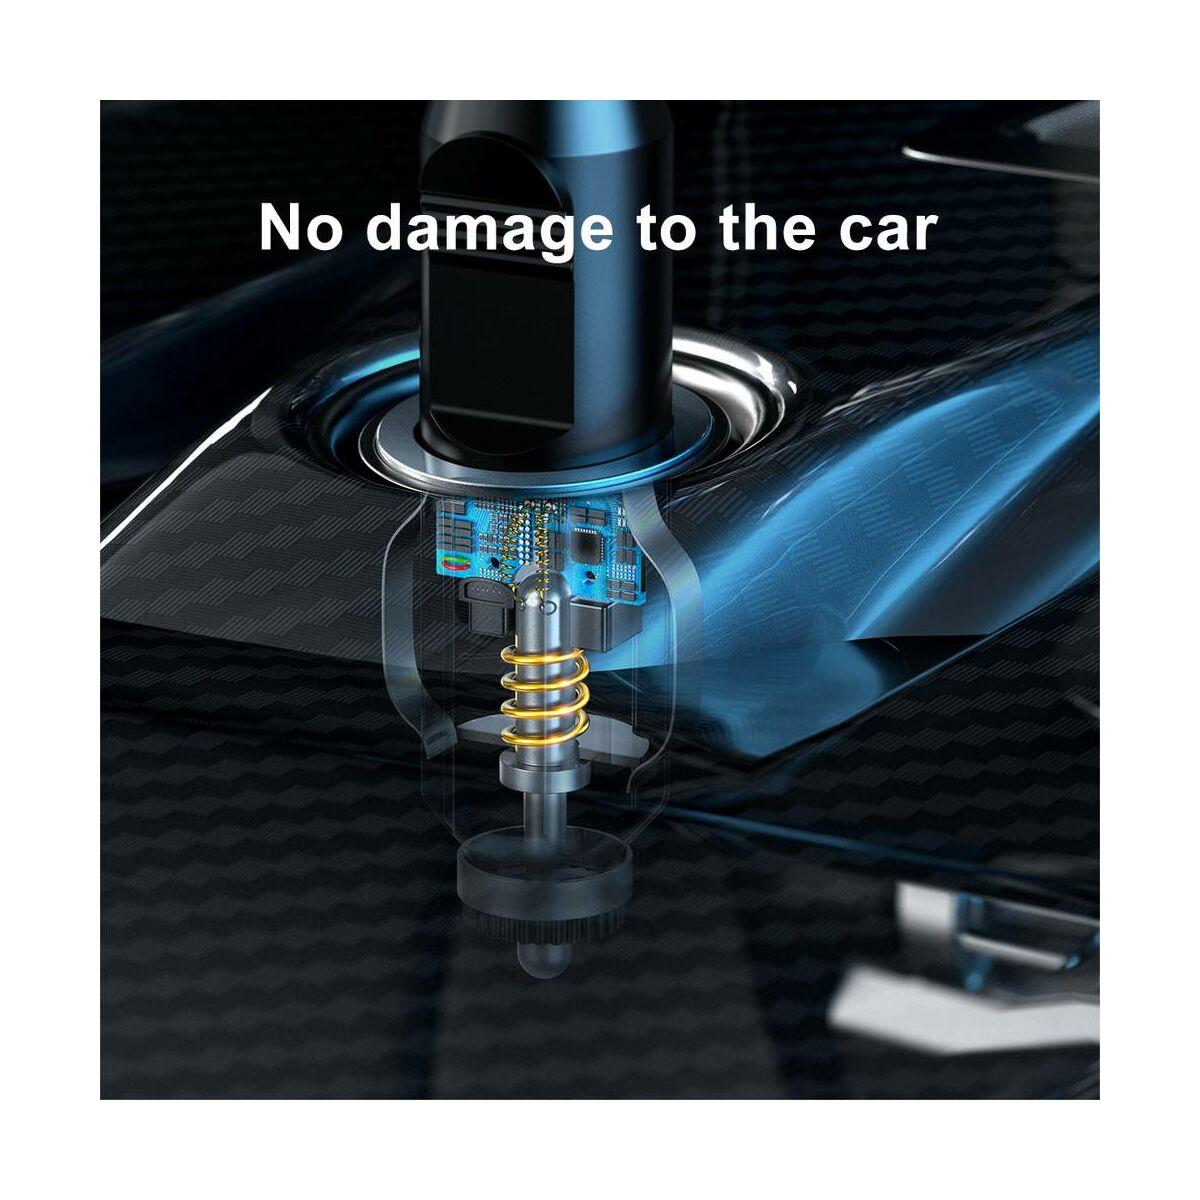 Baseus autós kiegészítő, Smart mini kompressor, 120W, fekete (CRCQB01-01)